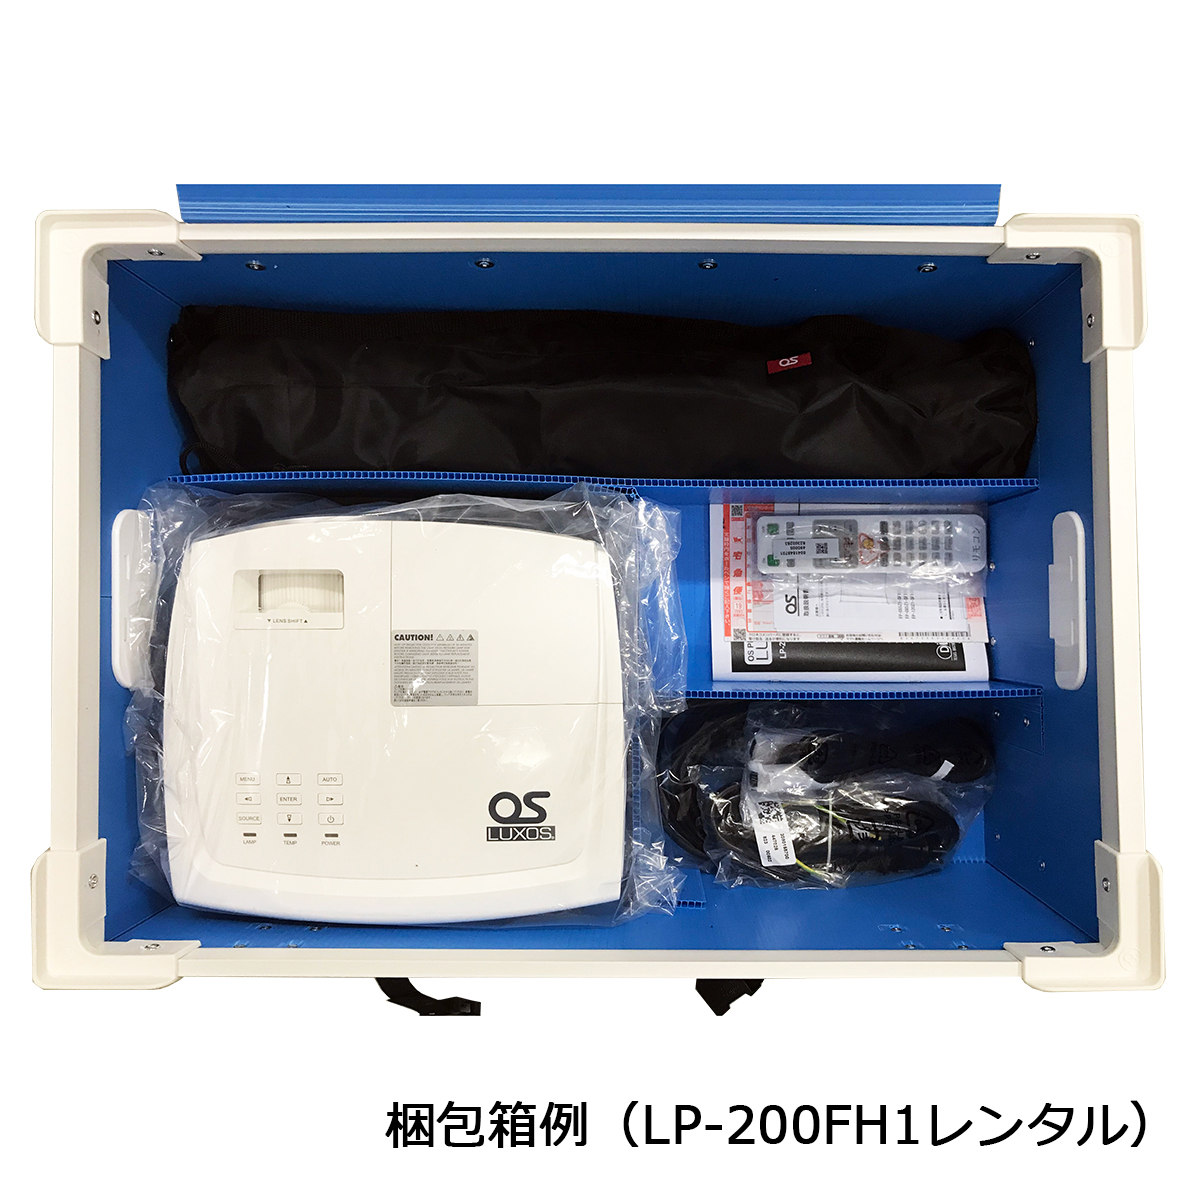 【2泊3日レンタル:10,830円〜】フルHDプロジェクター LUXOS ルクソス LP-200FH1(120インチ伸縮スクリーン/HDMIケーブル付)